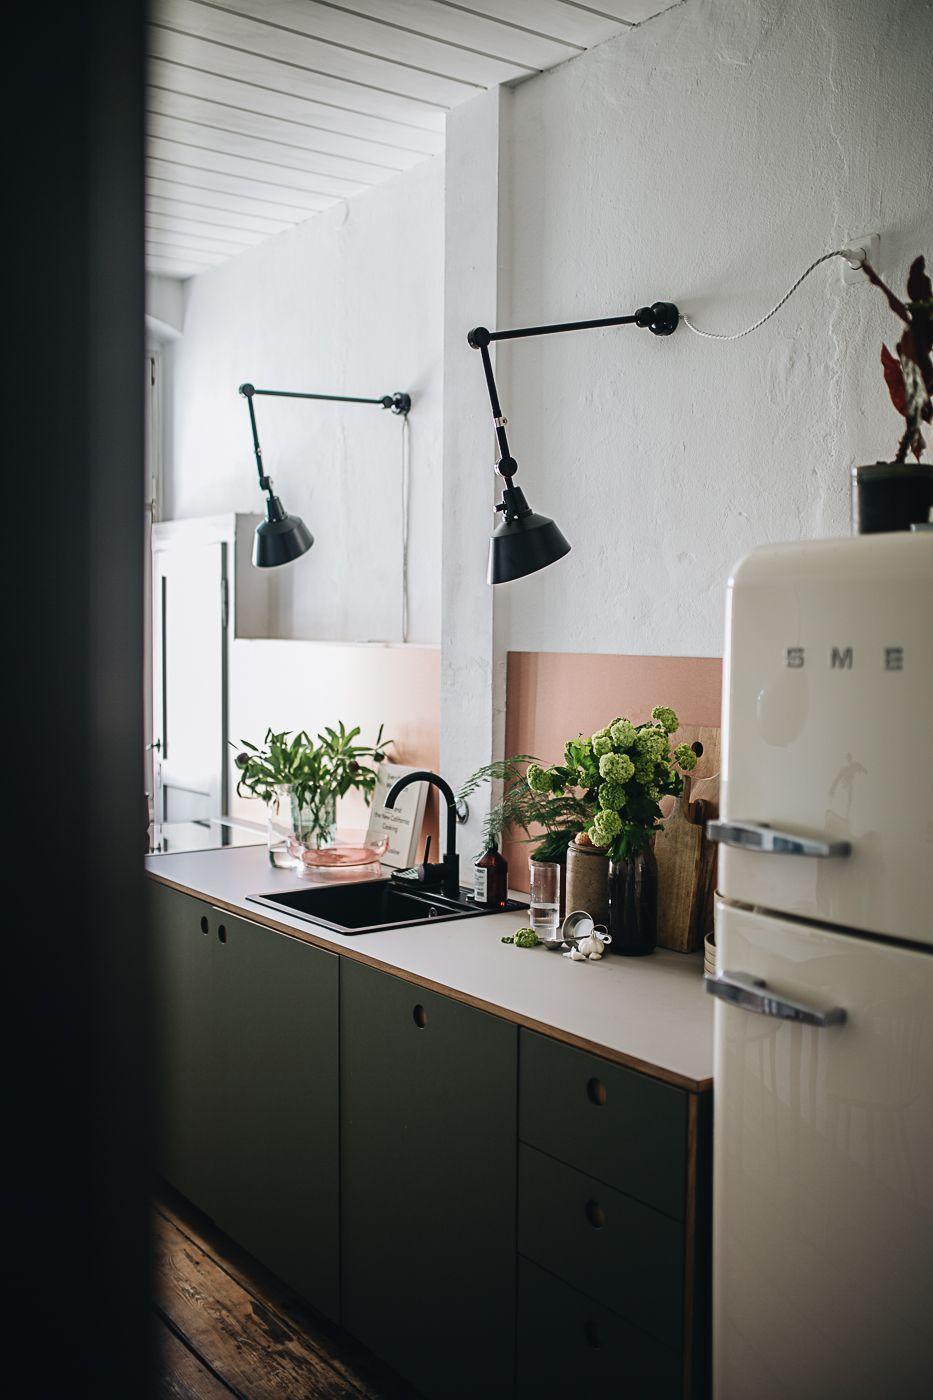 Más reciente Imágenes gabinete de cocina moderna Conceptos,15